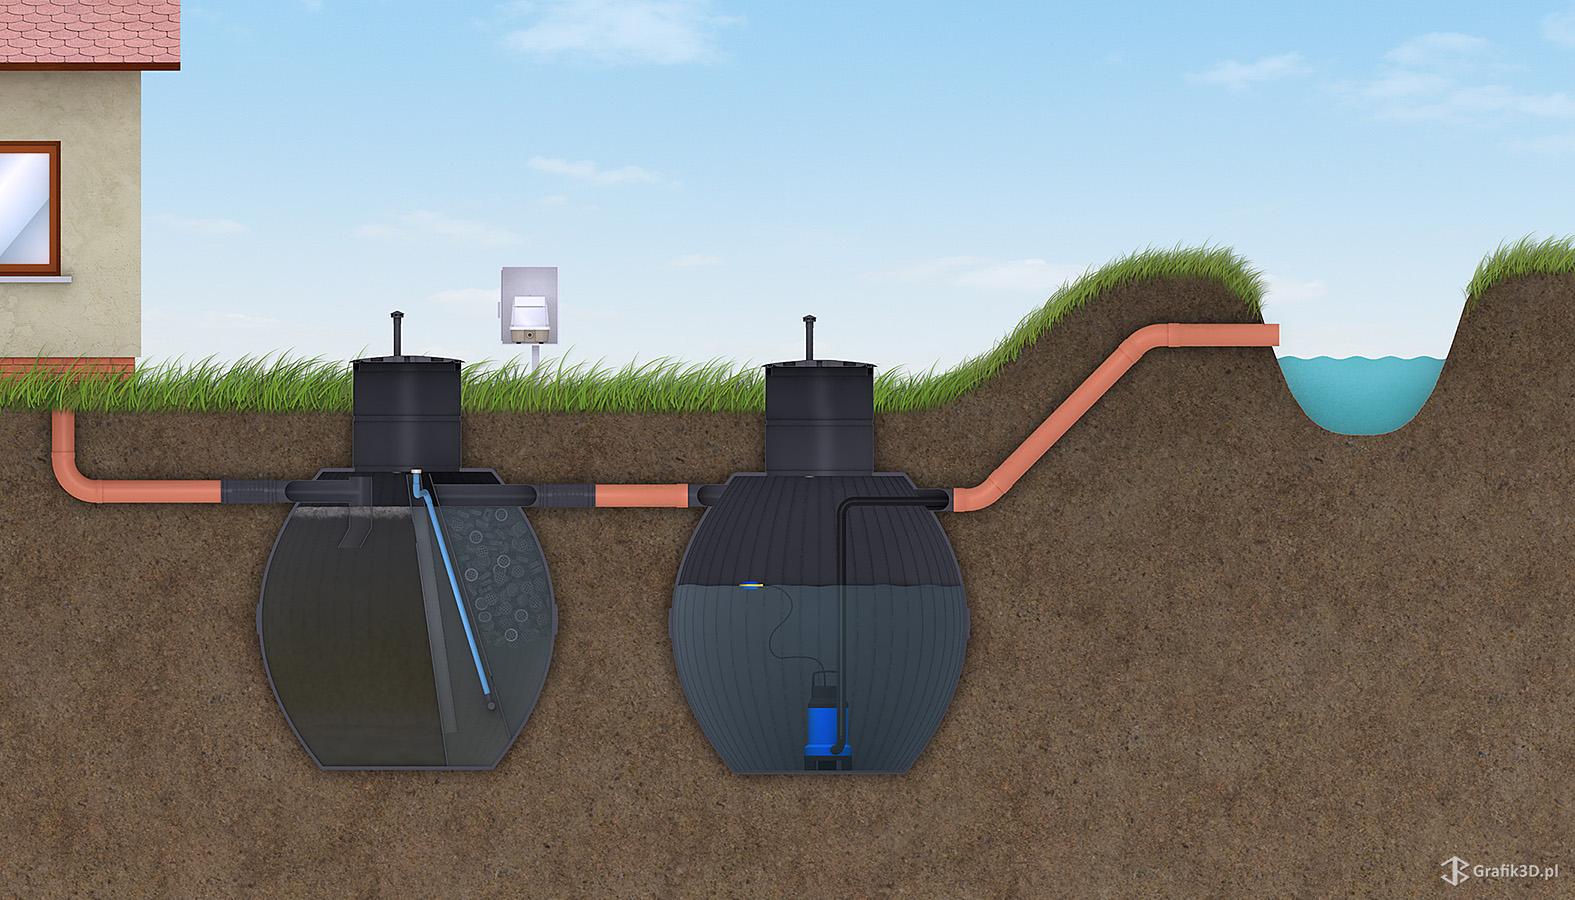 Trójwymiarowa wizualizacja przekroju podziemnej instalacji kana